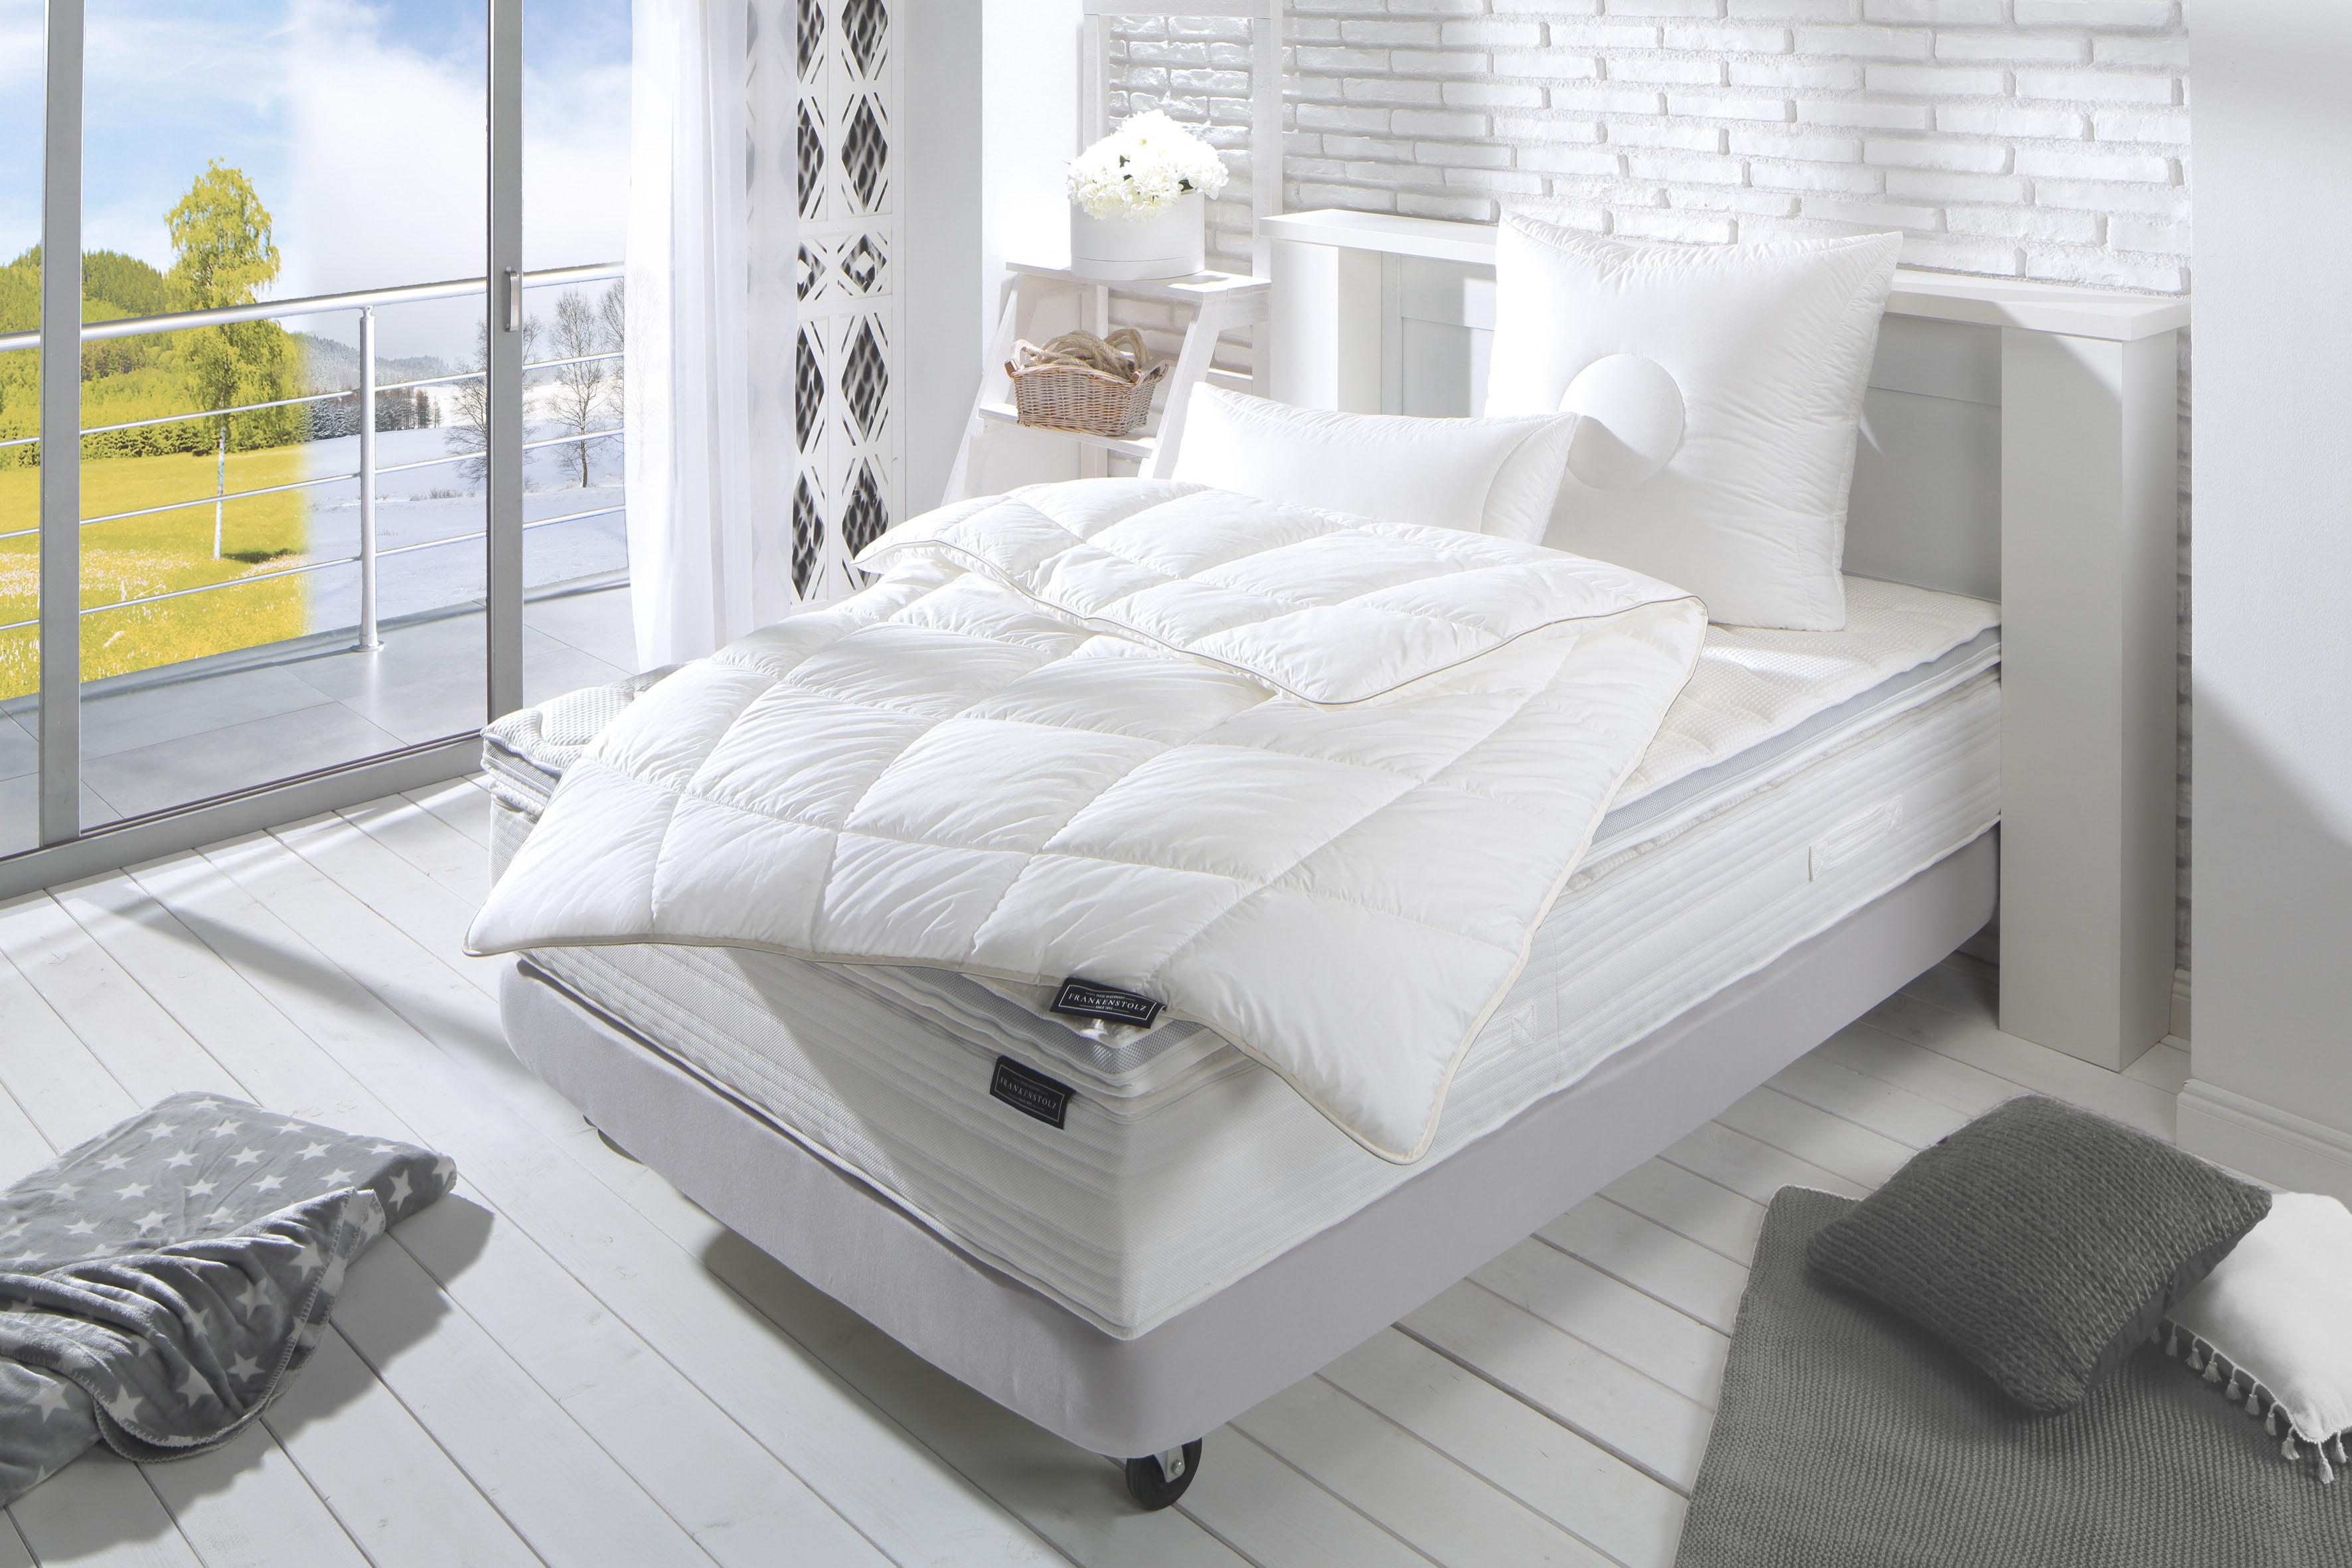 Kunstfaserbettdecke, »frankenstolz Klima«, Frankenstolz | Heimtextilien > Decken und Kissen > Bettdecken | Frankenstolz